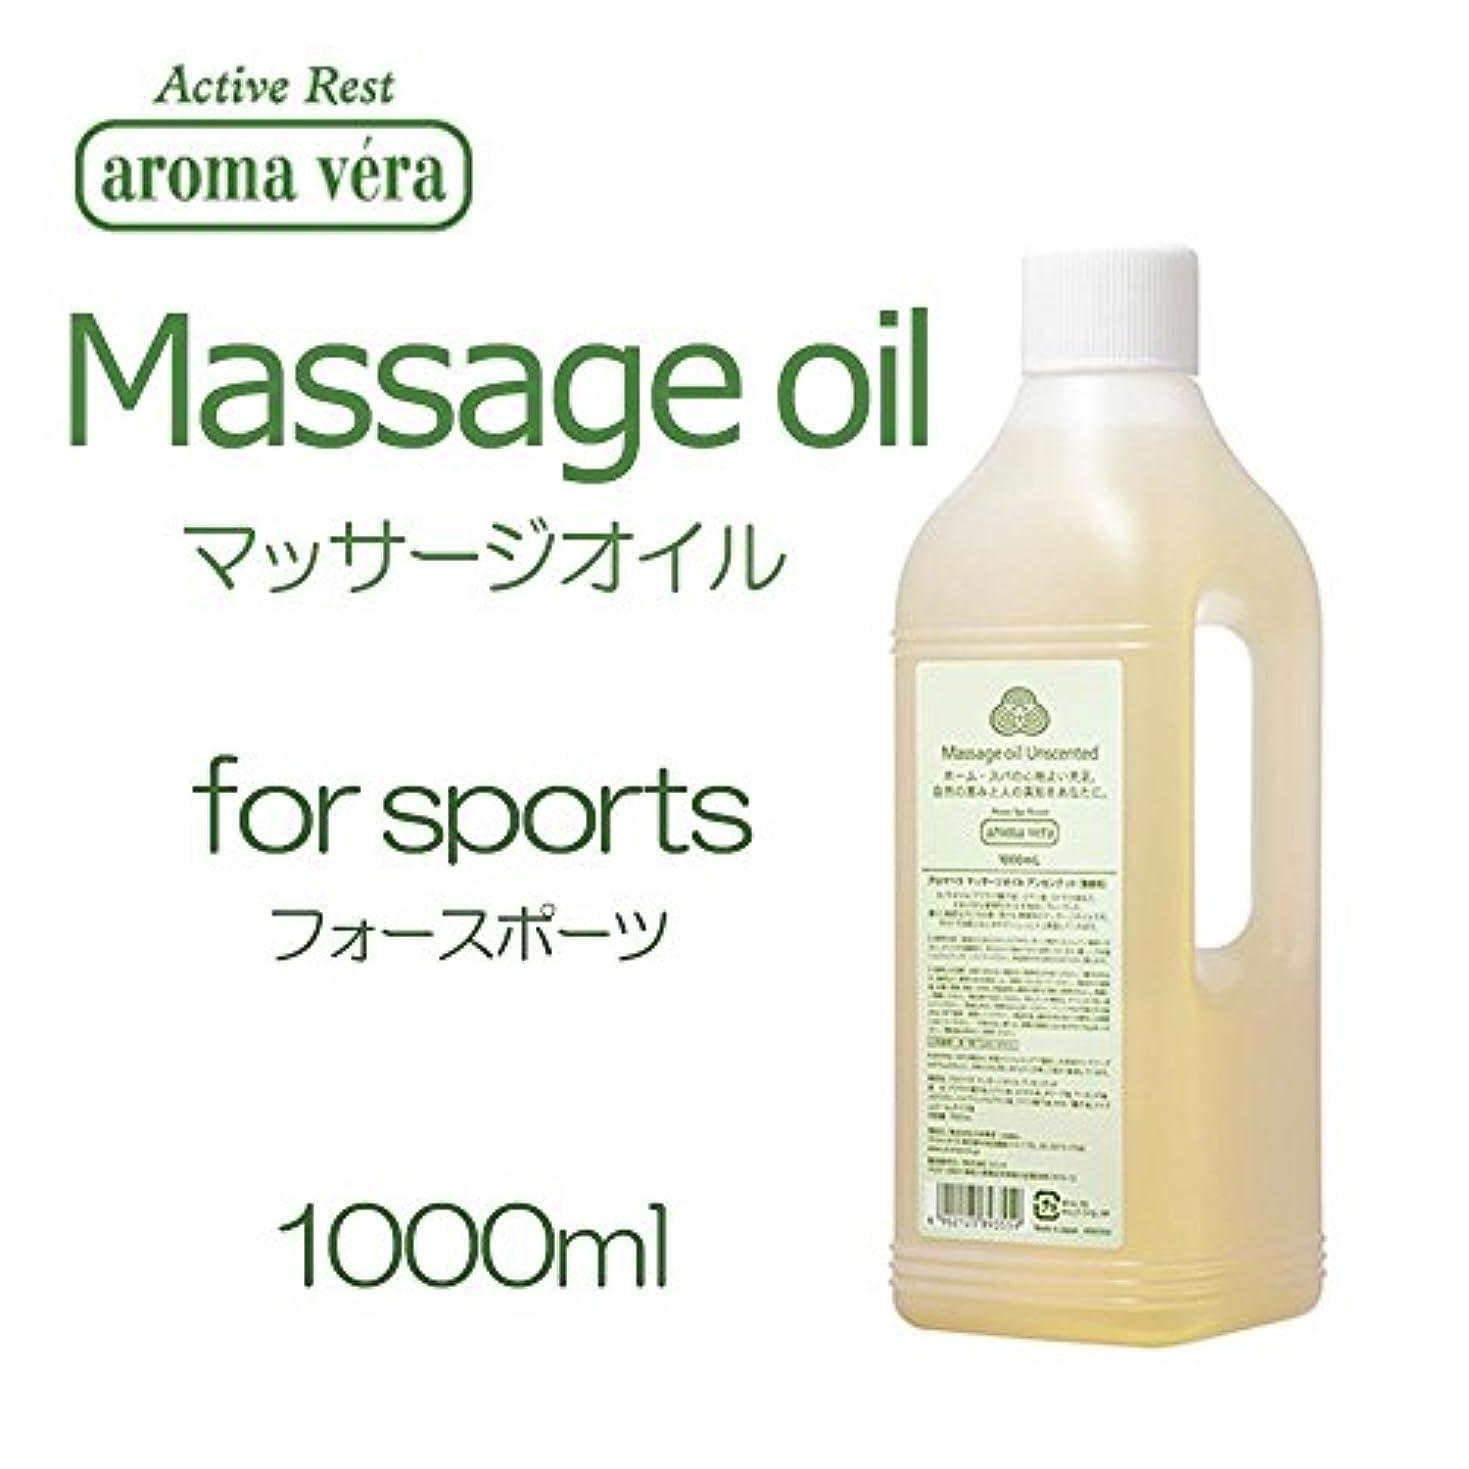 面倒どっち精度aroma vera(アロマベラ) マッサージオイル フォースポーツ 1000ml